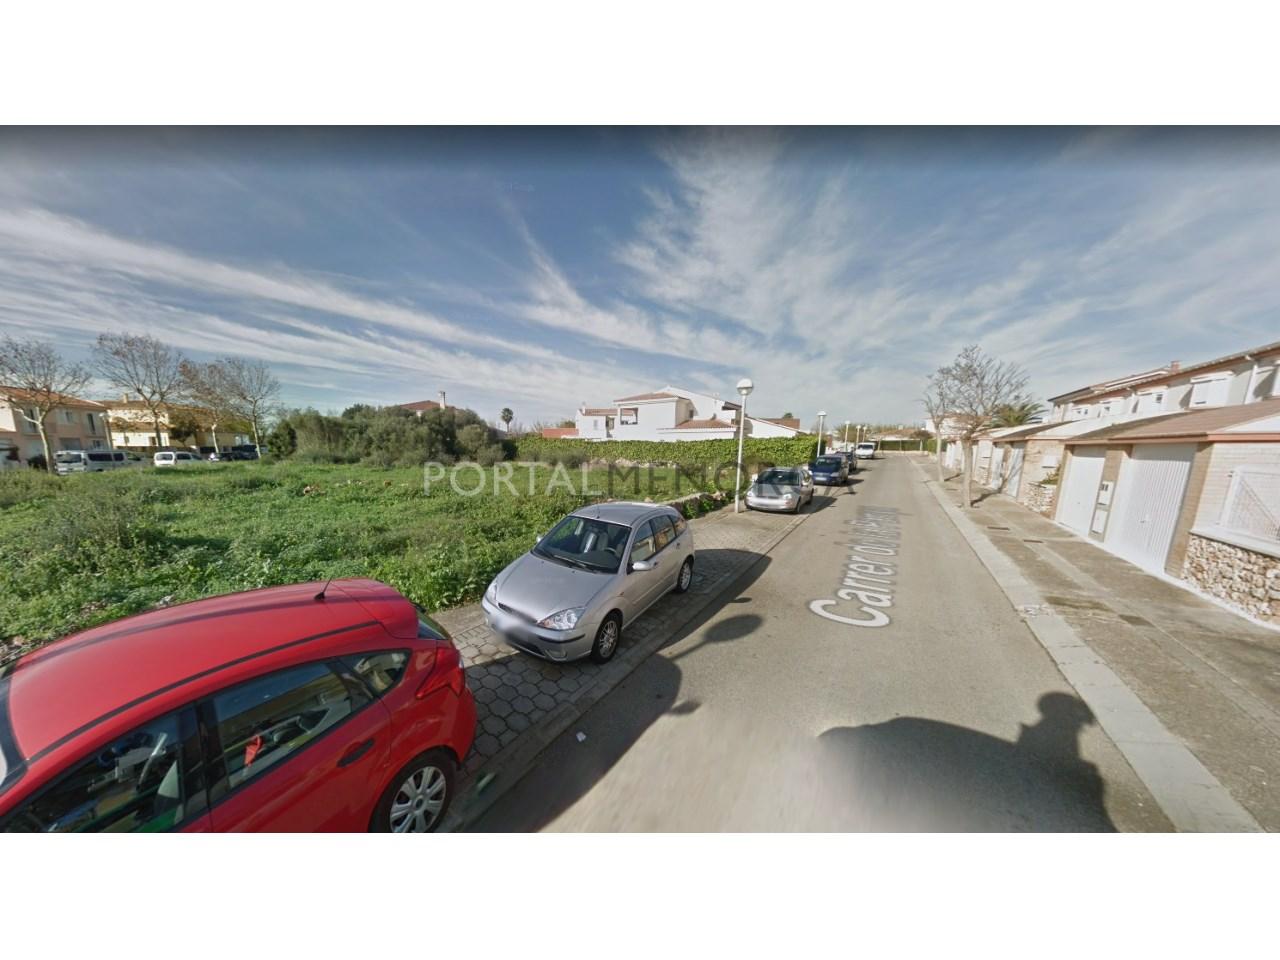 Parcela edificable en venta en Menorca